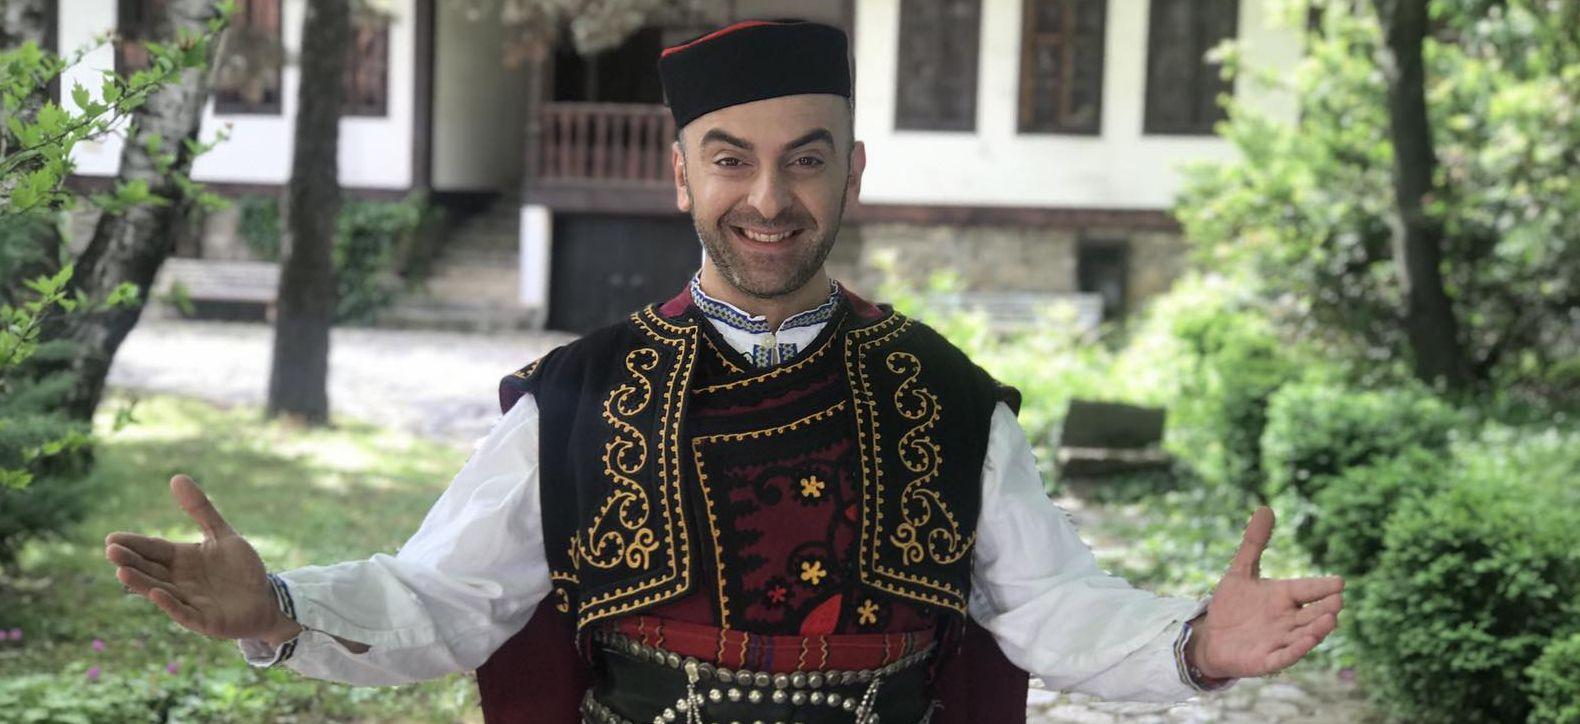 Емблематична македонска песен от днес в ефира на Фен Фолк ТВ